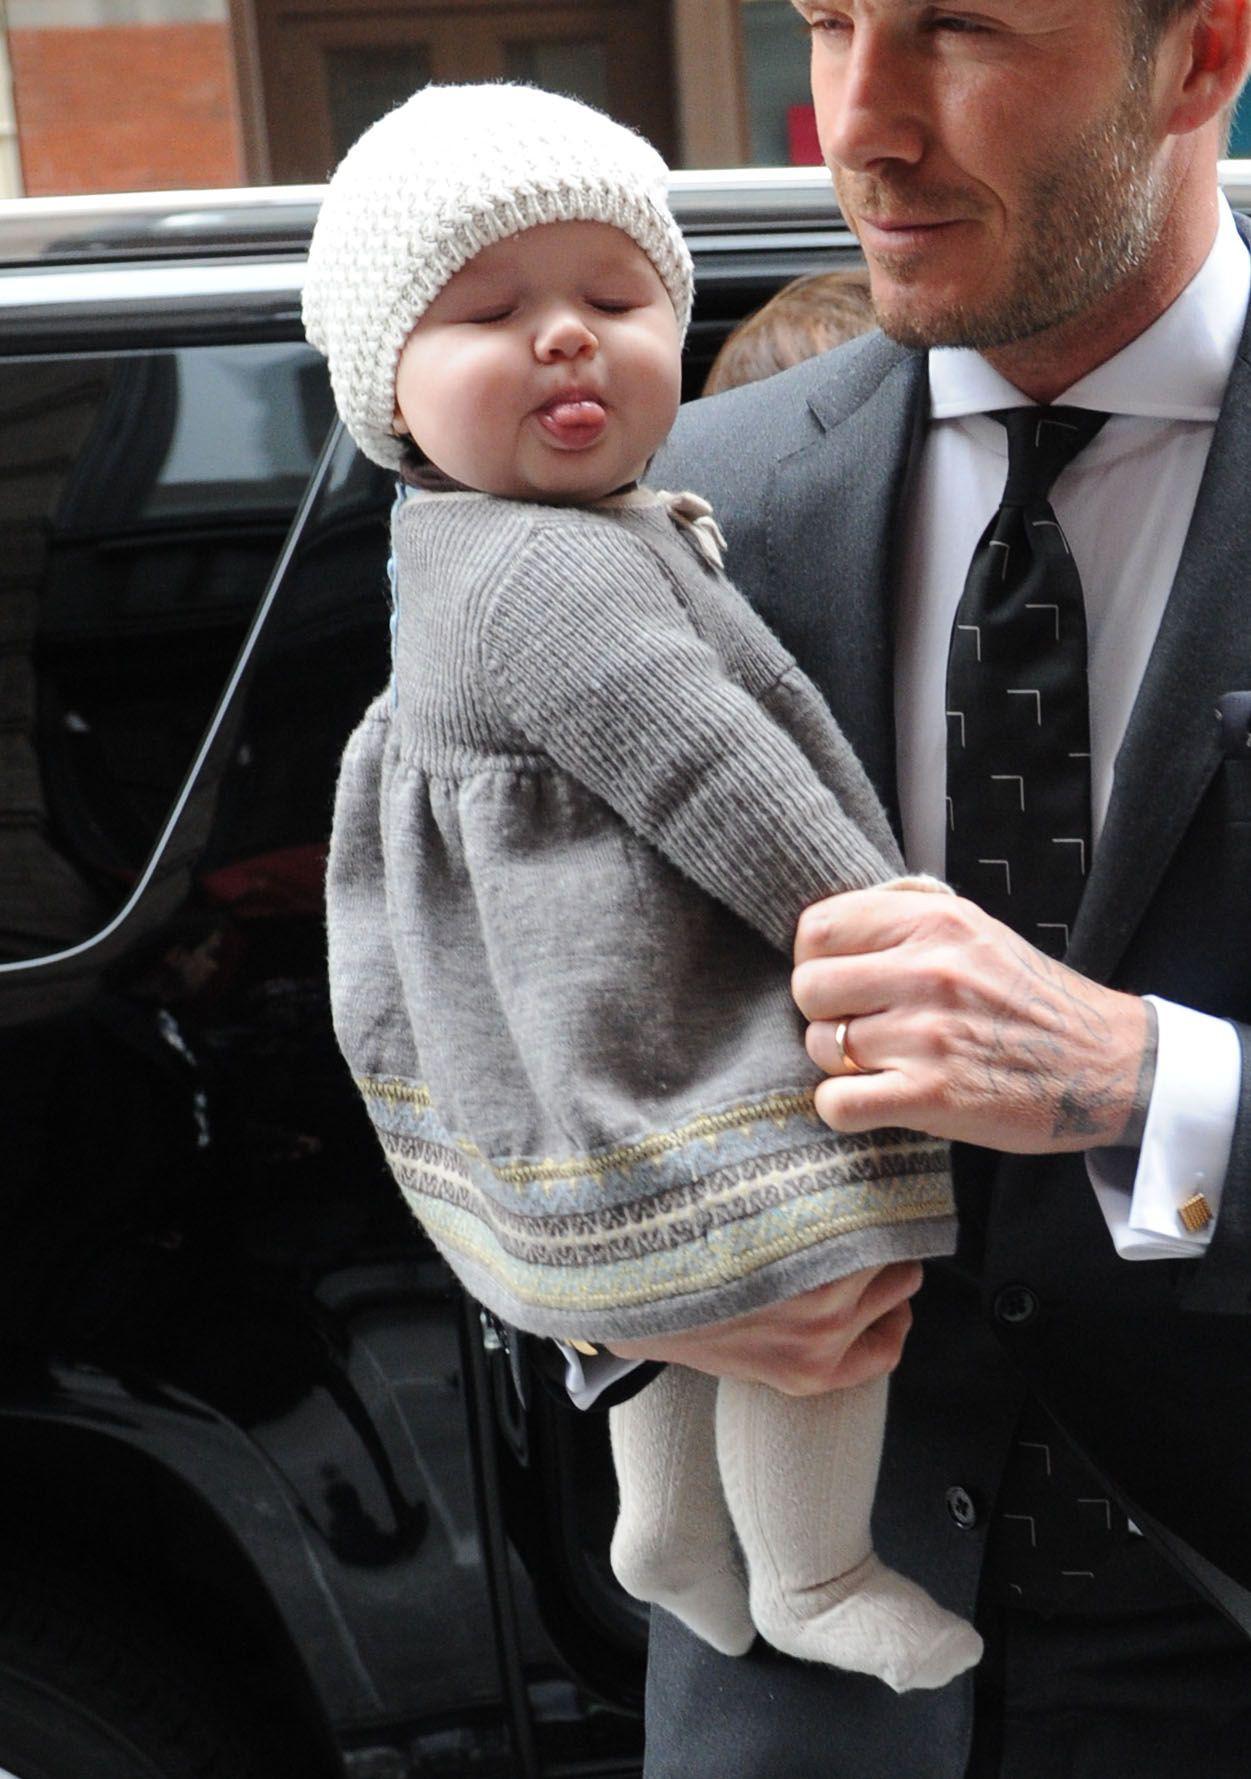 Những cô công chúa nổi tiếng nhà sao Hollywood ngày ấy nay đã lớn: Suri Cruise, Harper Beckham lột xác ngoạn mục - Ảnh 14.